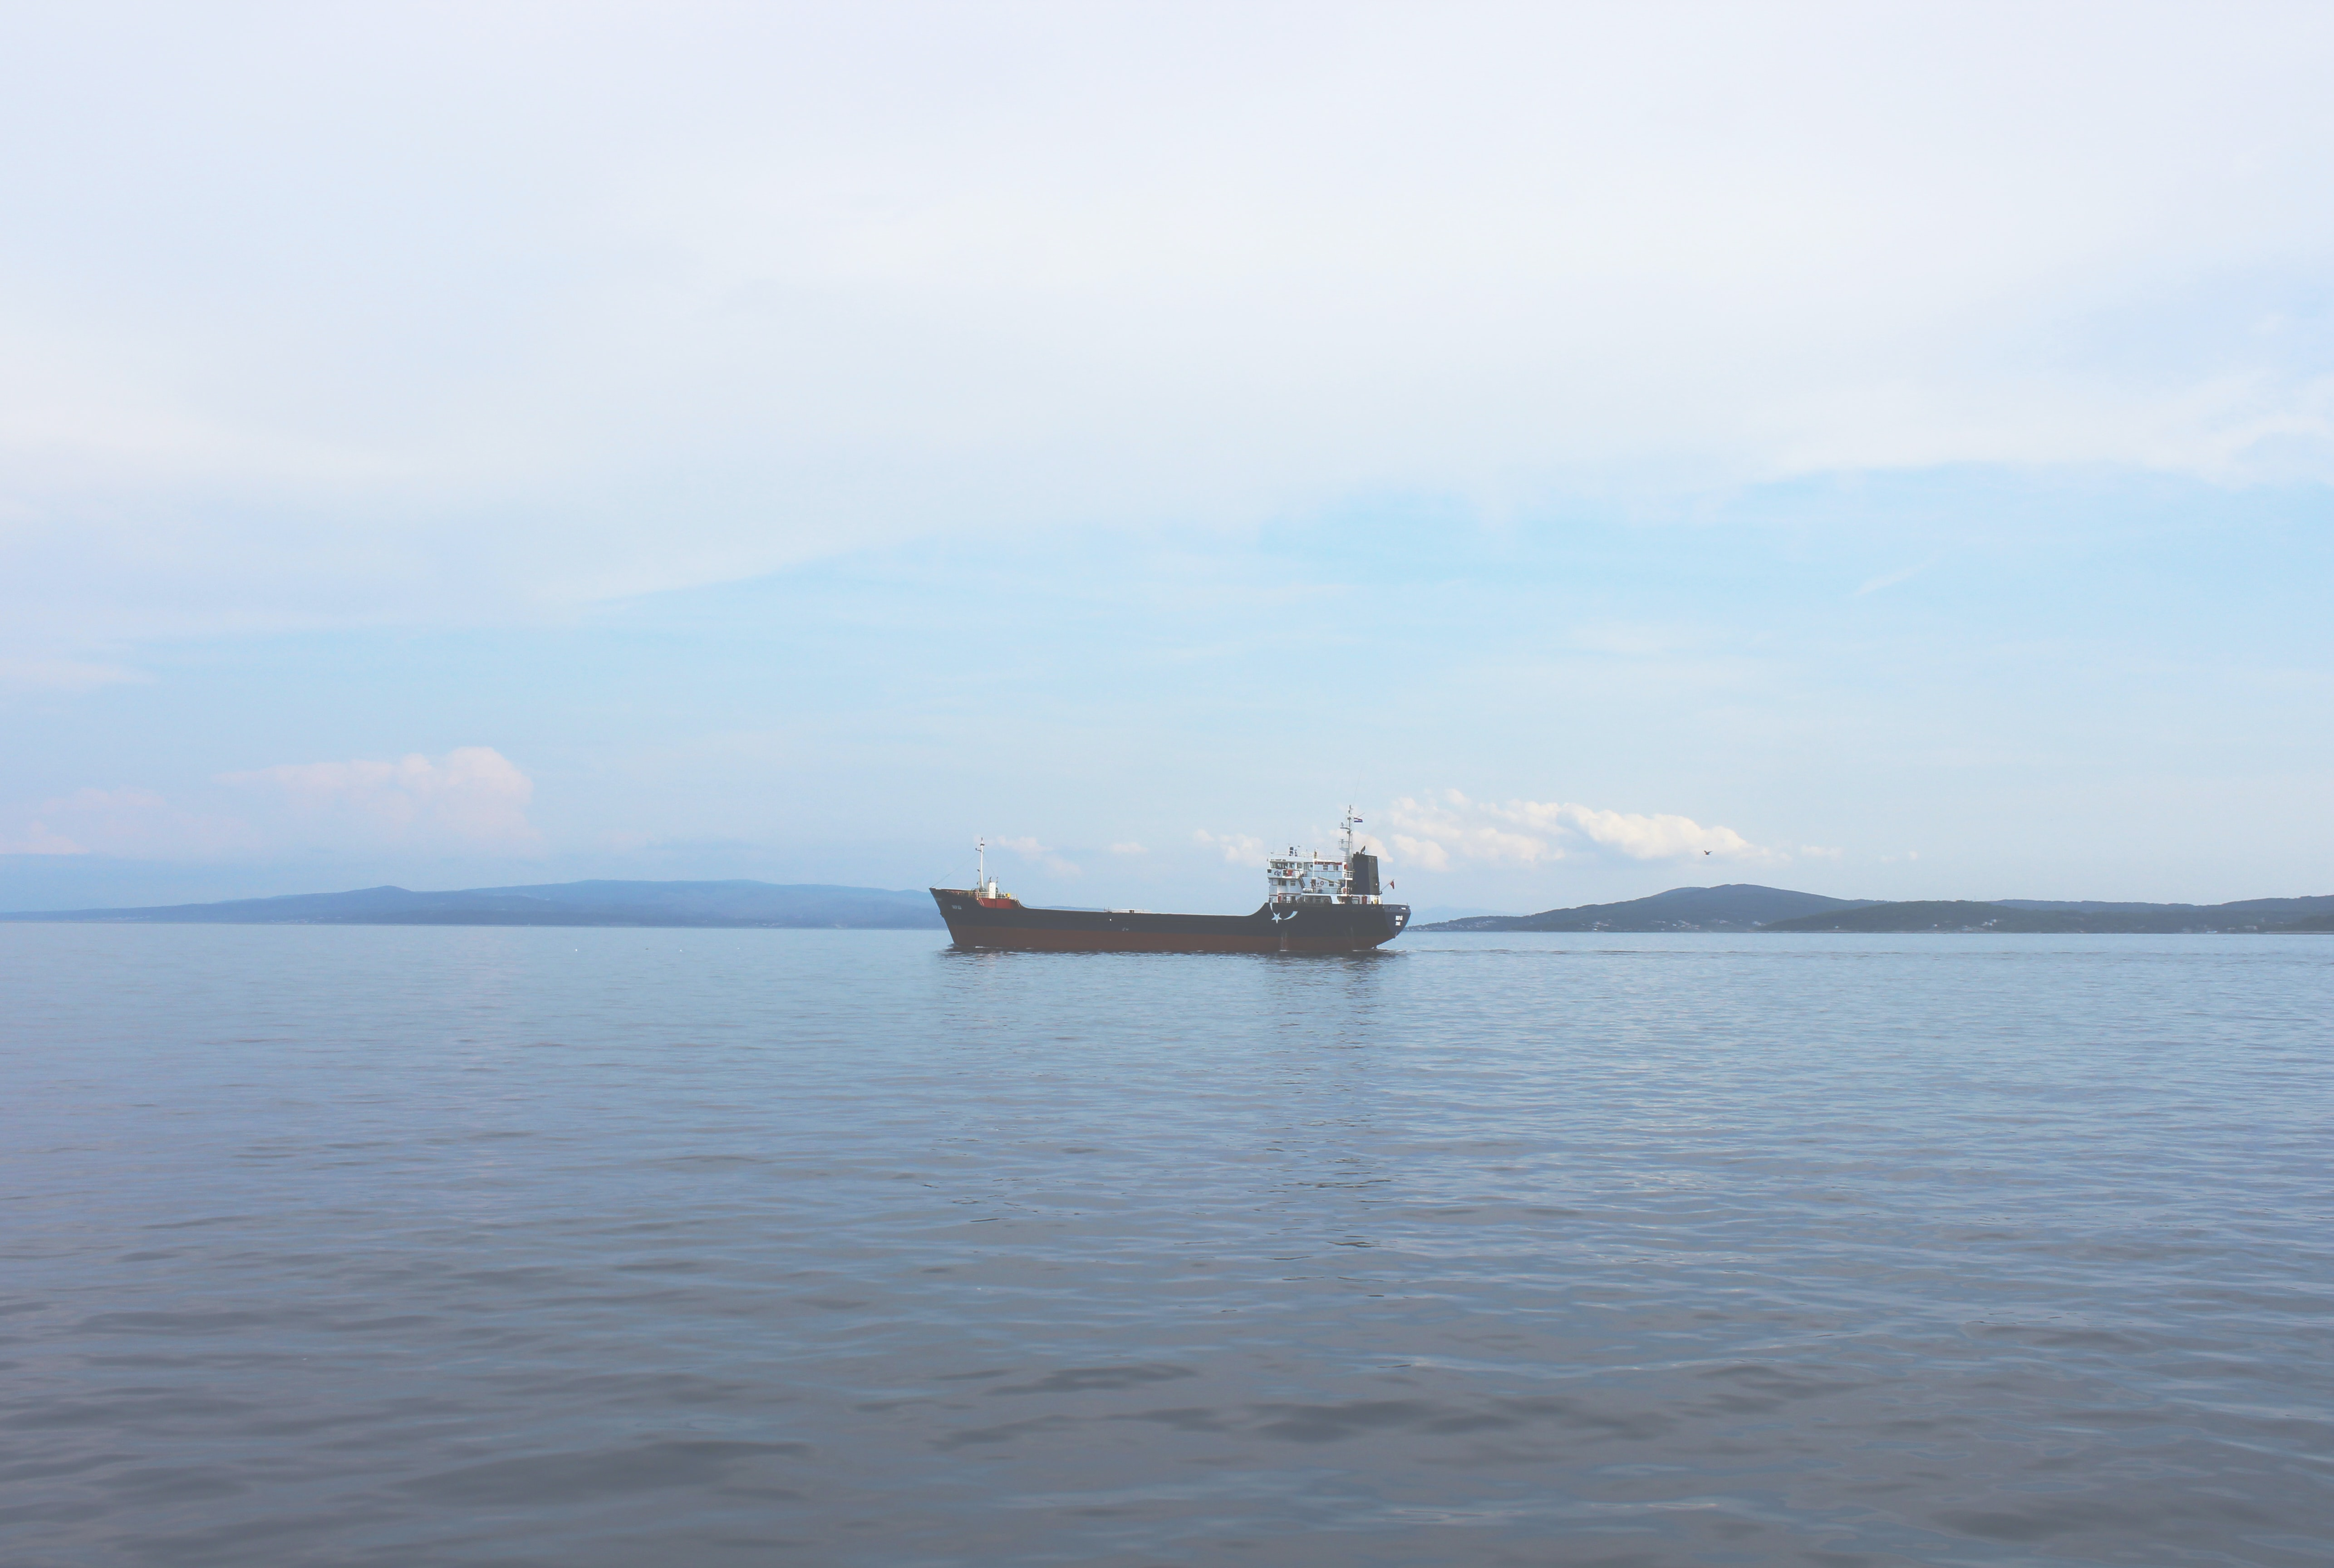 vessel on sea